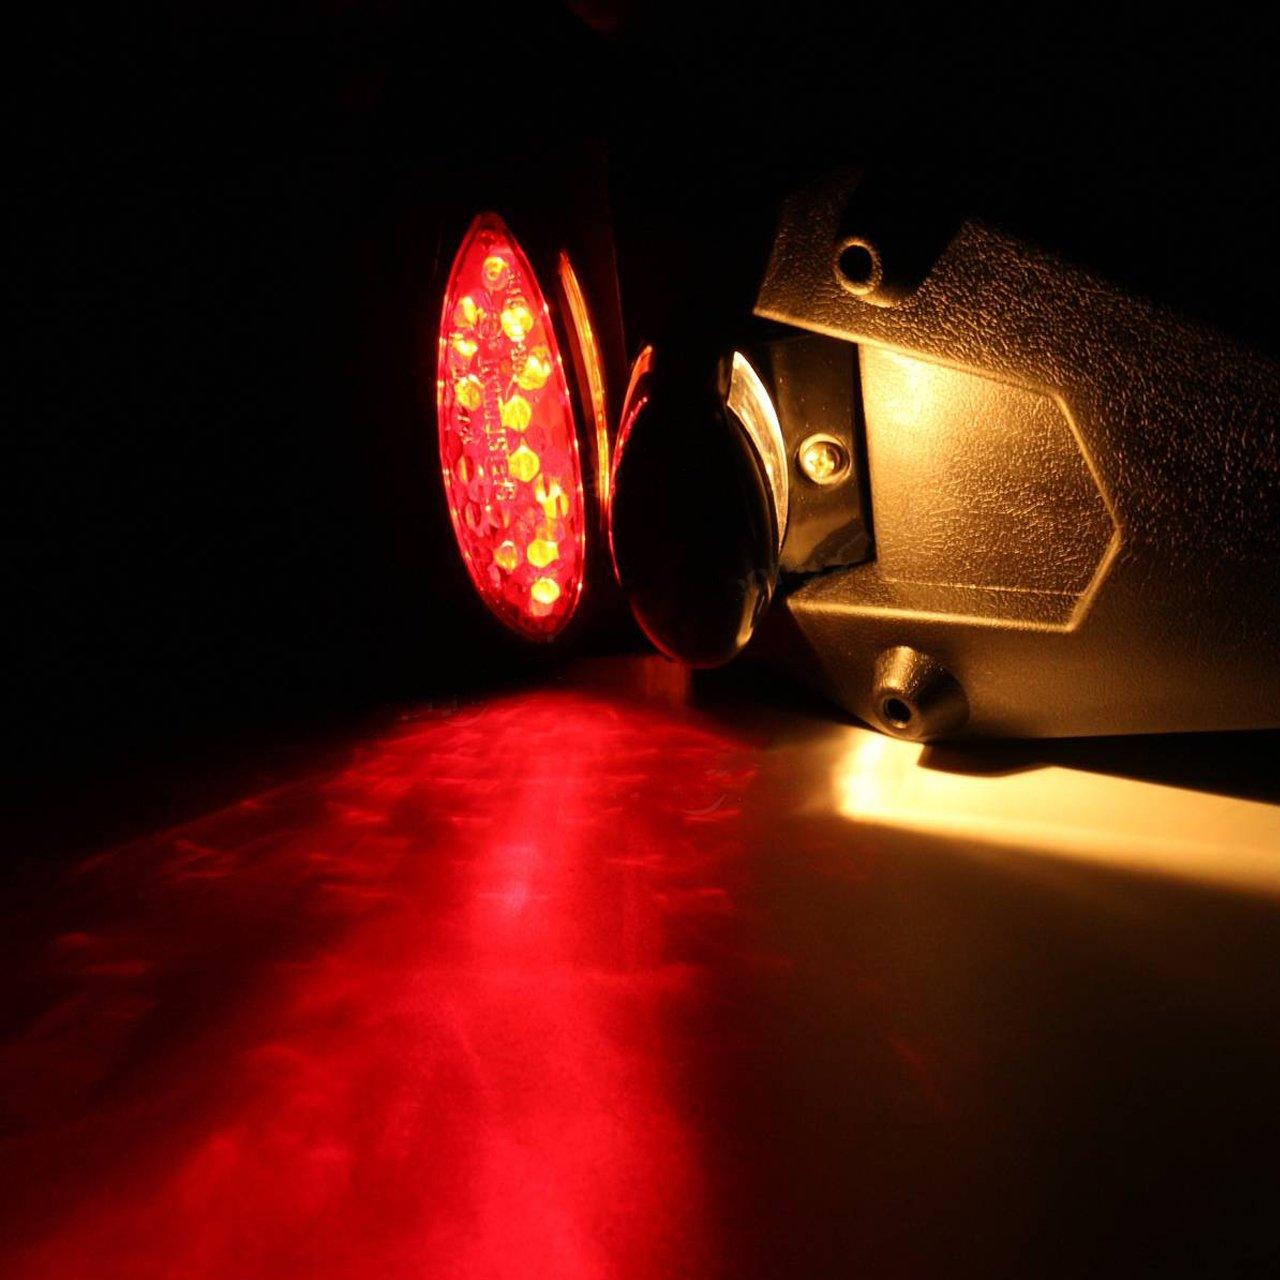 NATGIC Feu arri/ère de Moto arri/ère LED r/éflecteur Universel pour Motocross MX Sport Pit Dirt Bike Coque Blanche